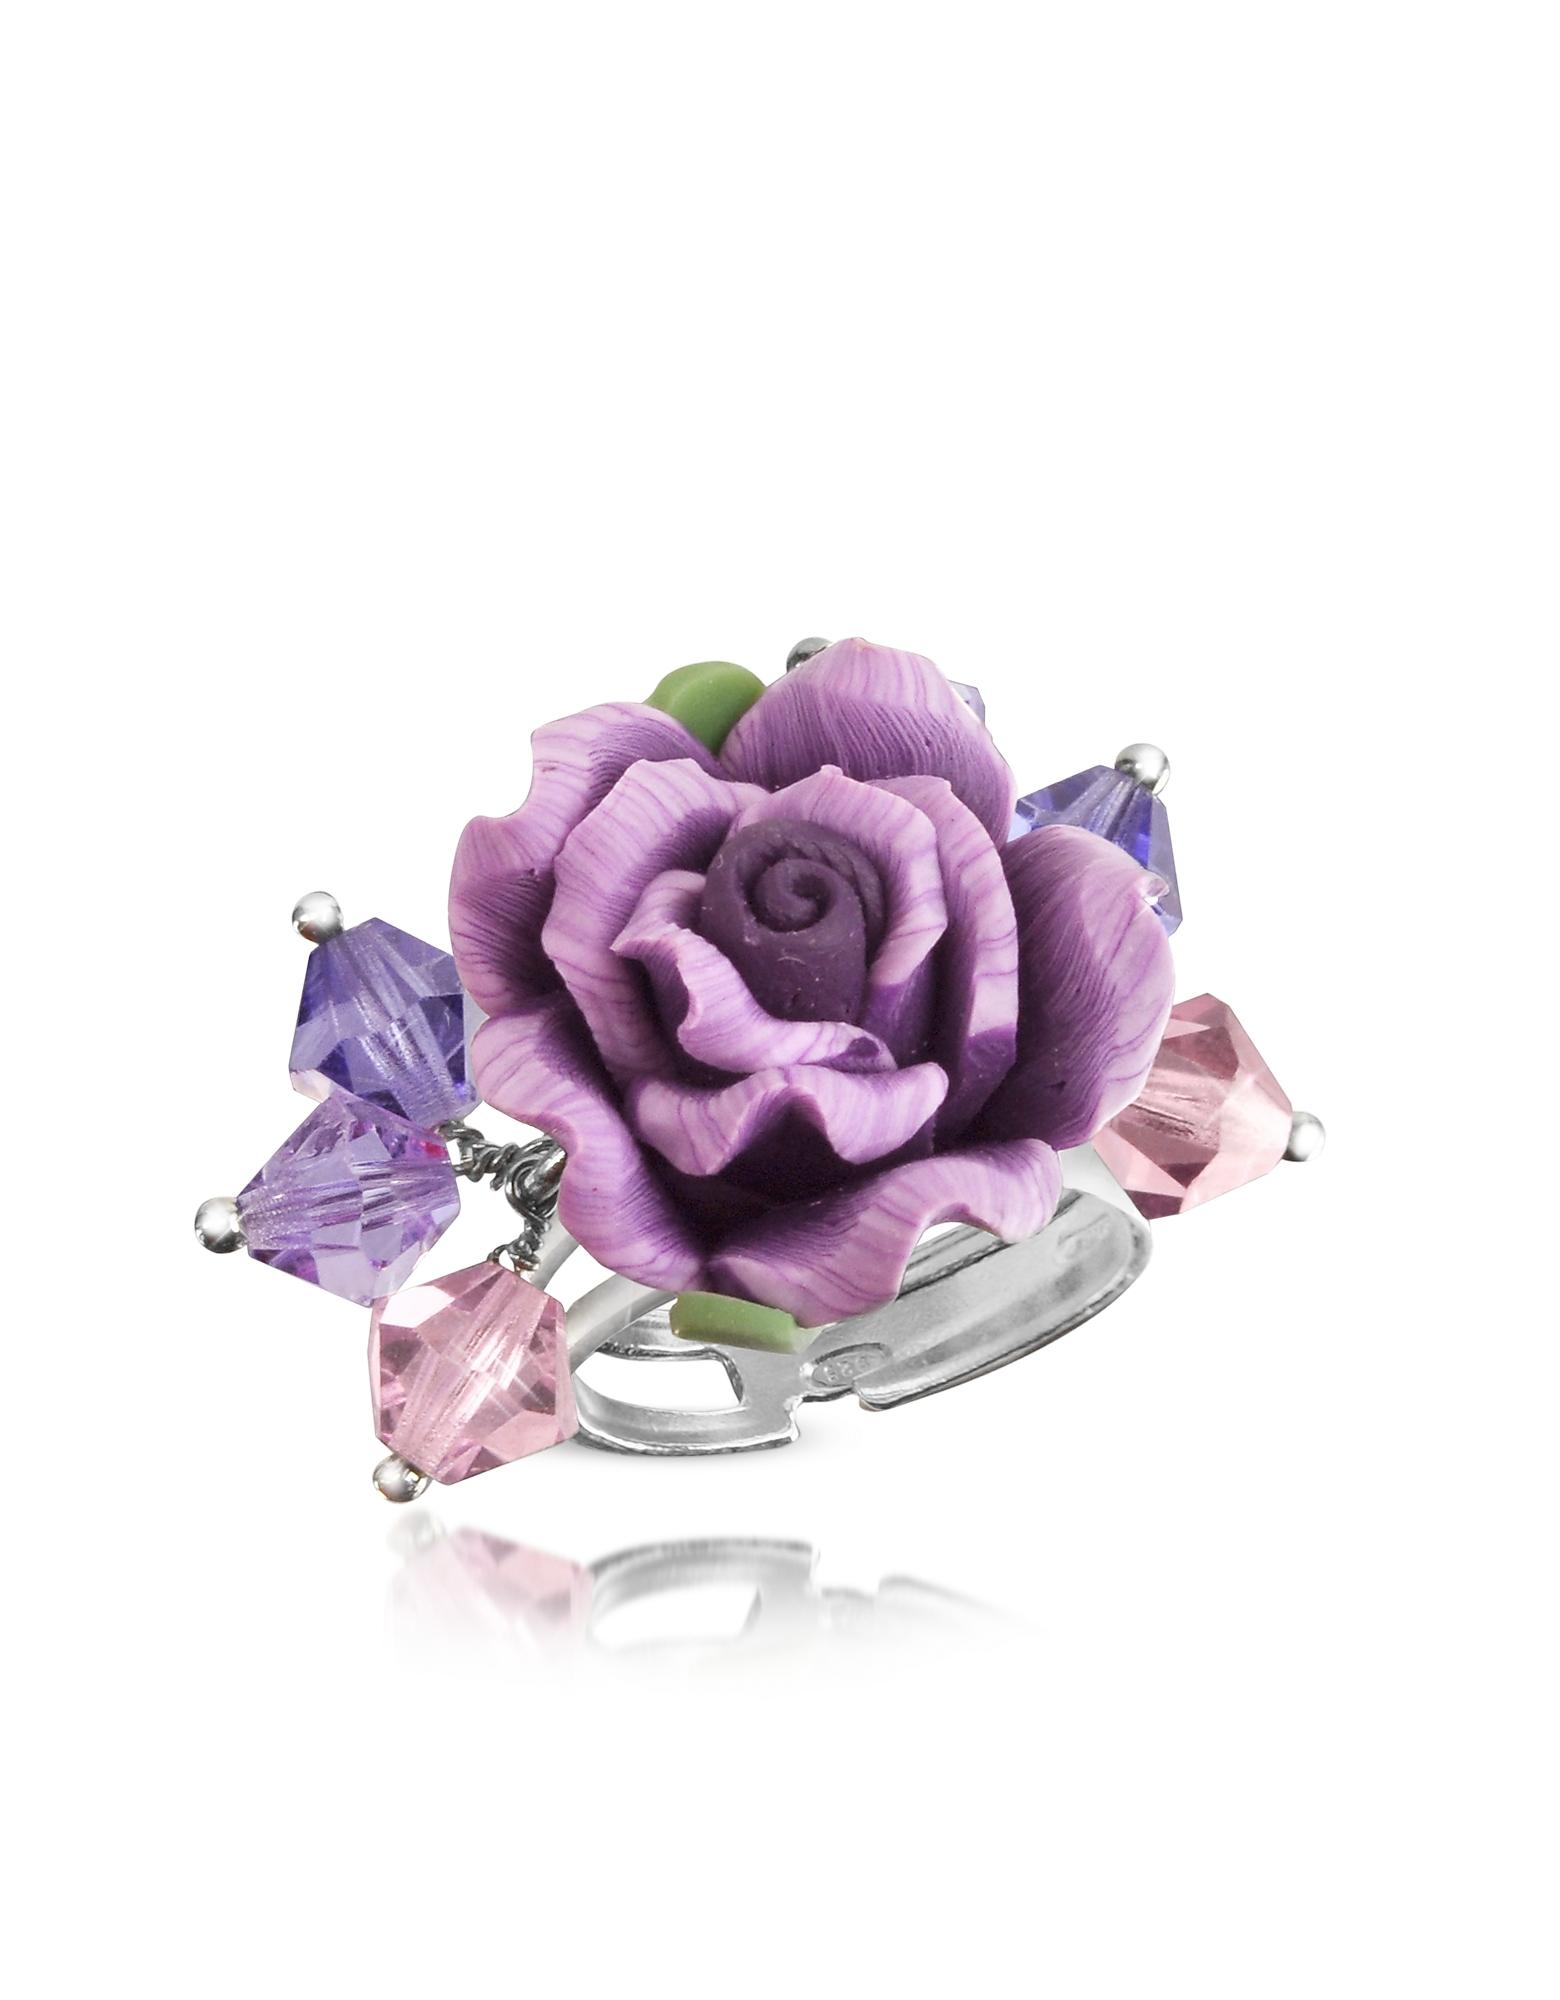 Dolci Gioie Кольцо из Серебра 925 пробы с Фиолетовой Розой